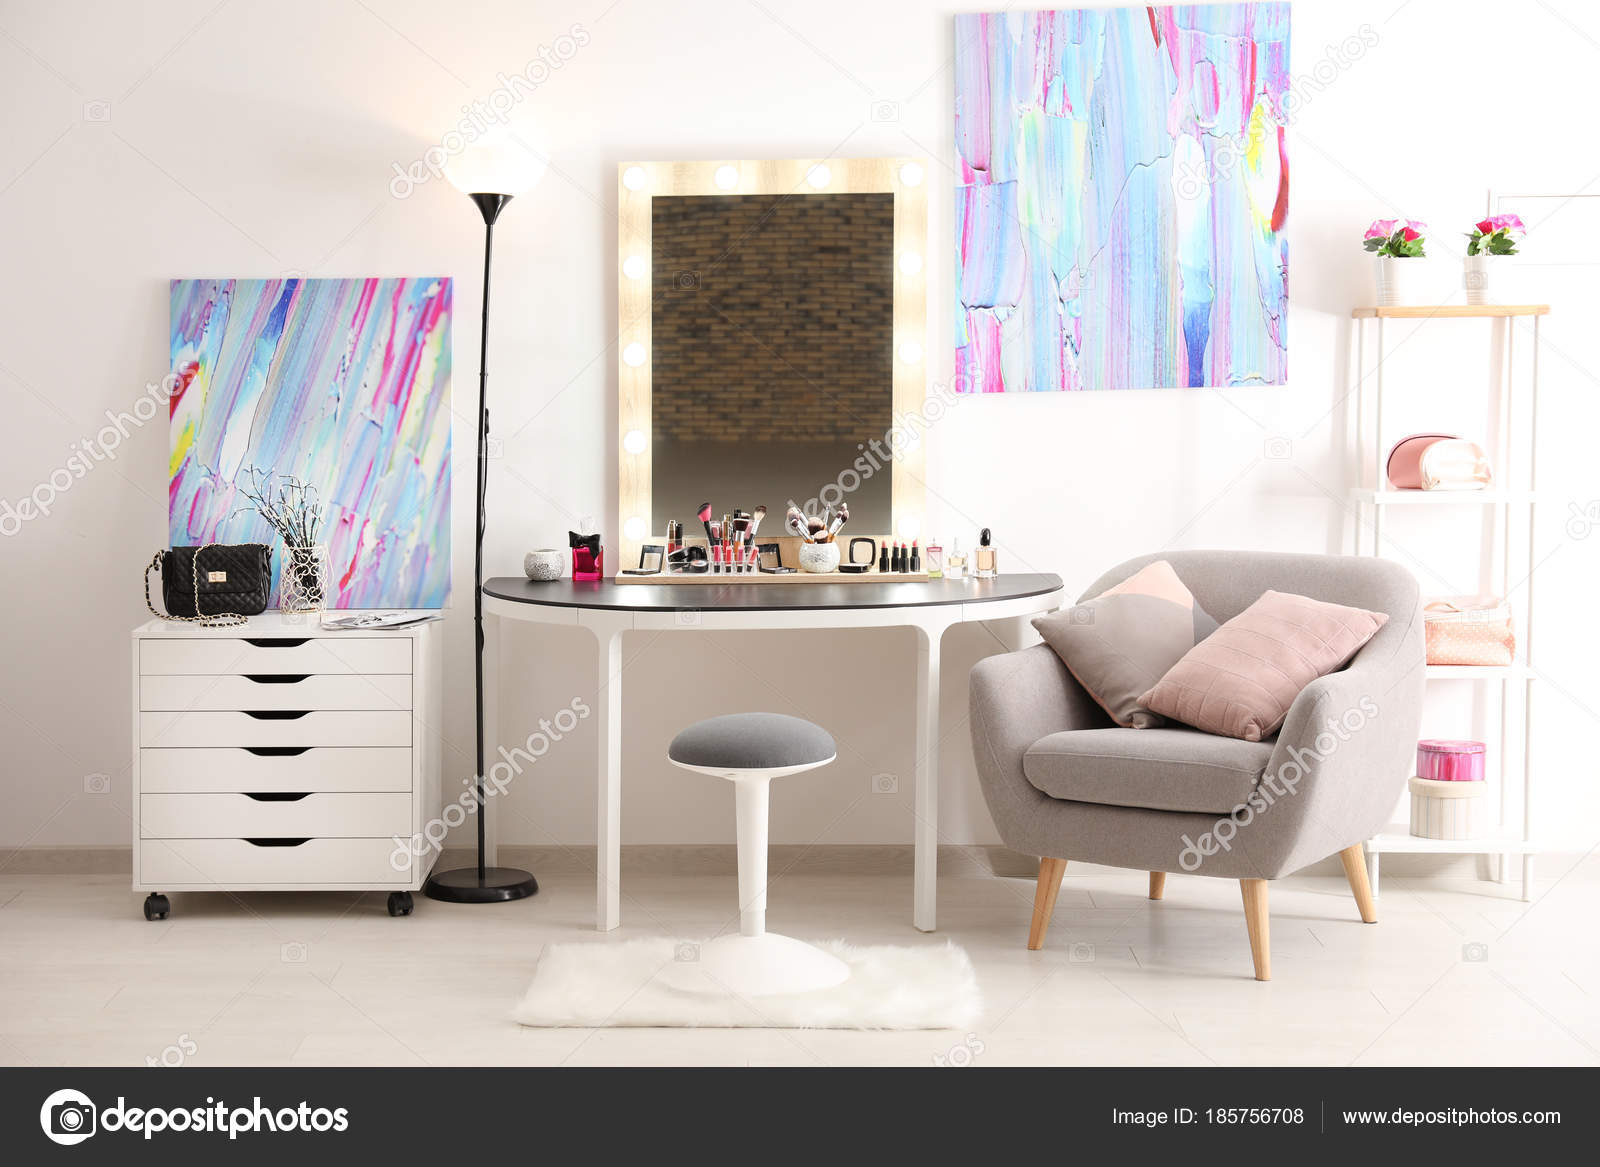 Wonderbaarlijk Interior of modern makeup room — Stock Photo © belchonock #185756708 VS-96